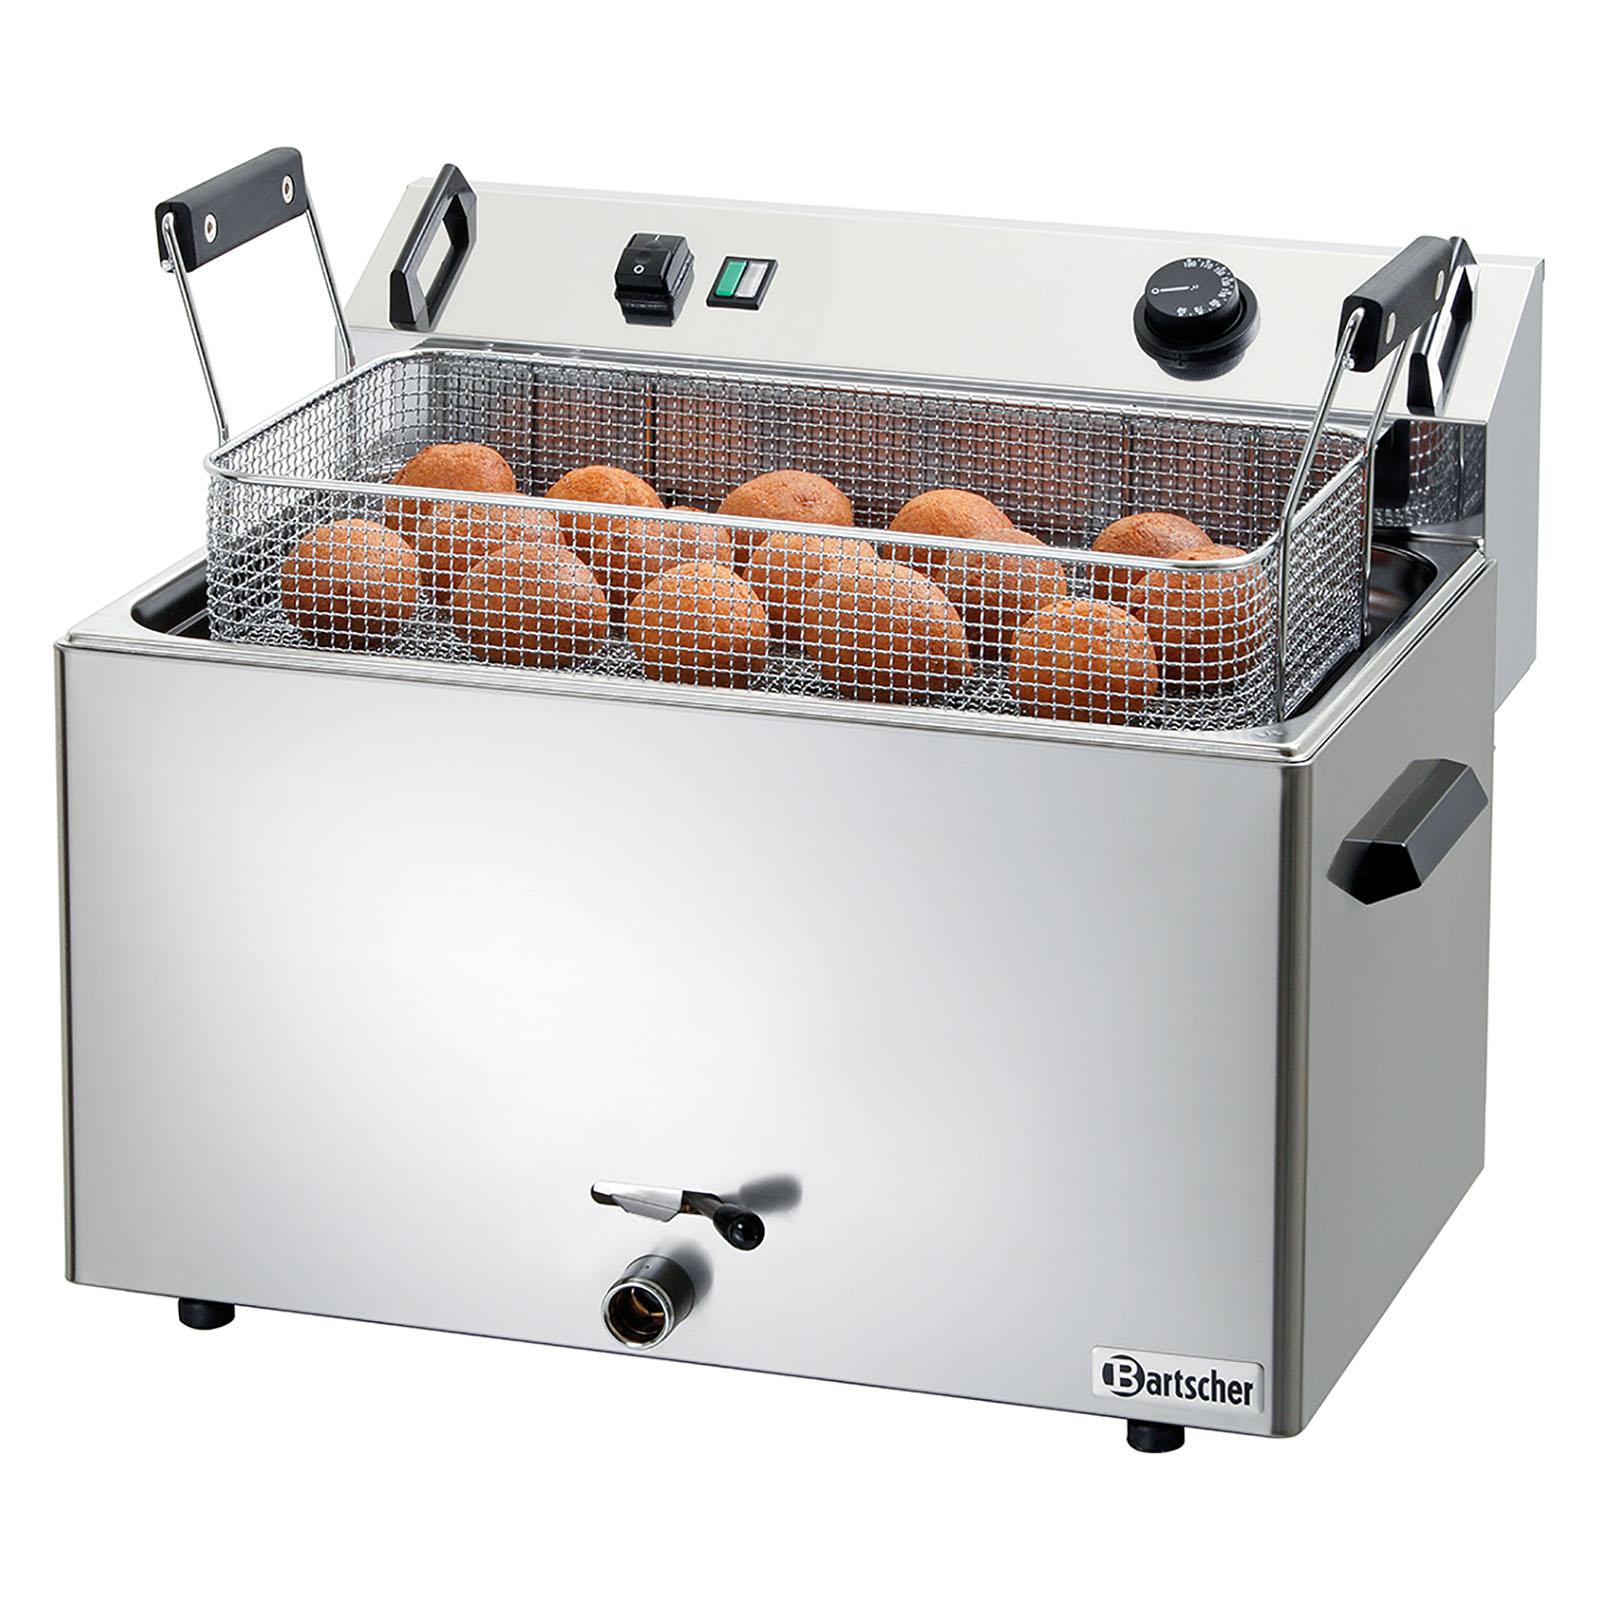 Bartscher Fritteuse - 1 x 16 Liter - Erdgas - 20 mbar 10190141